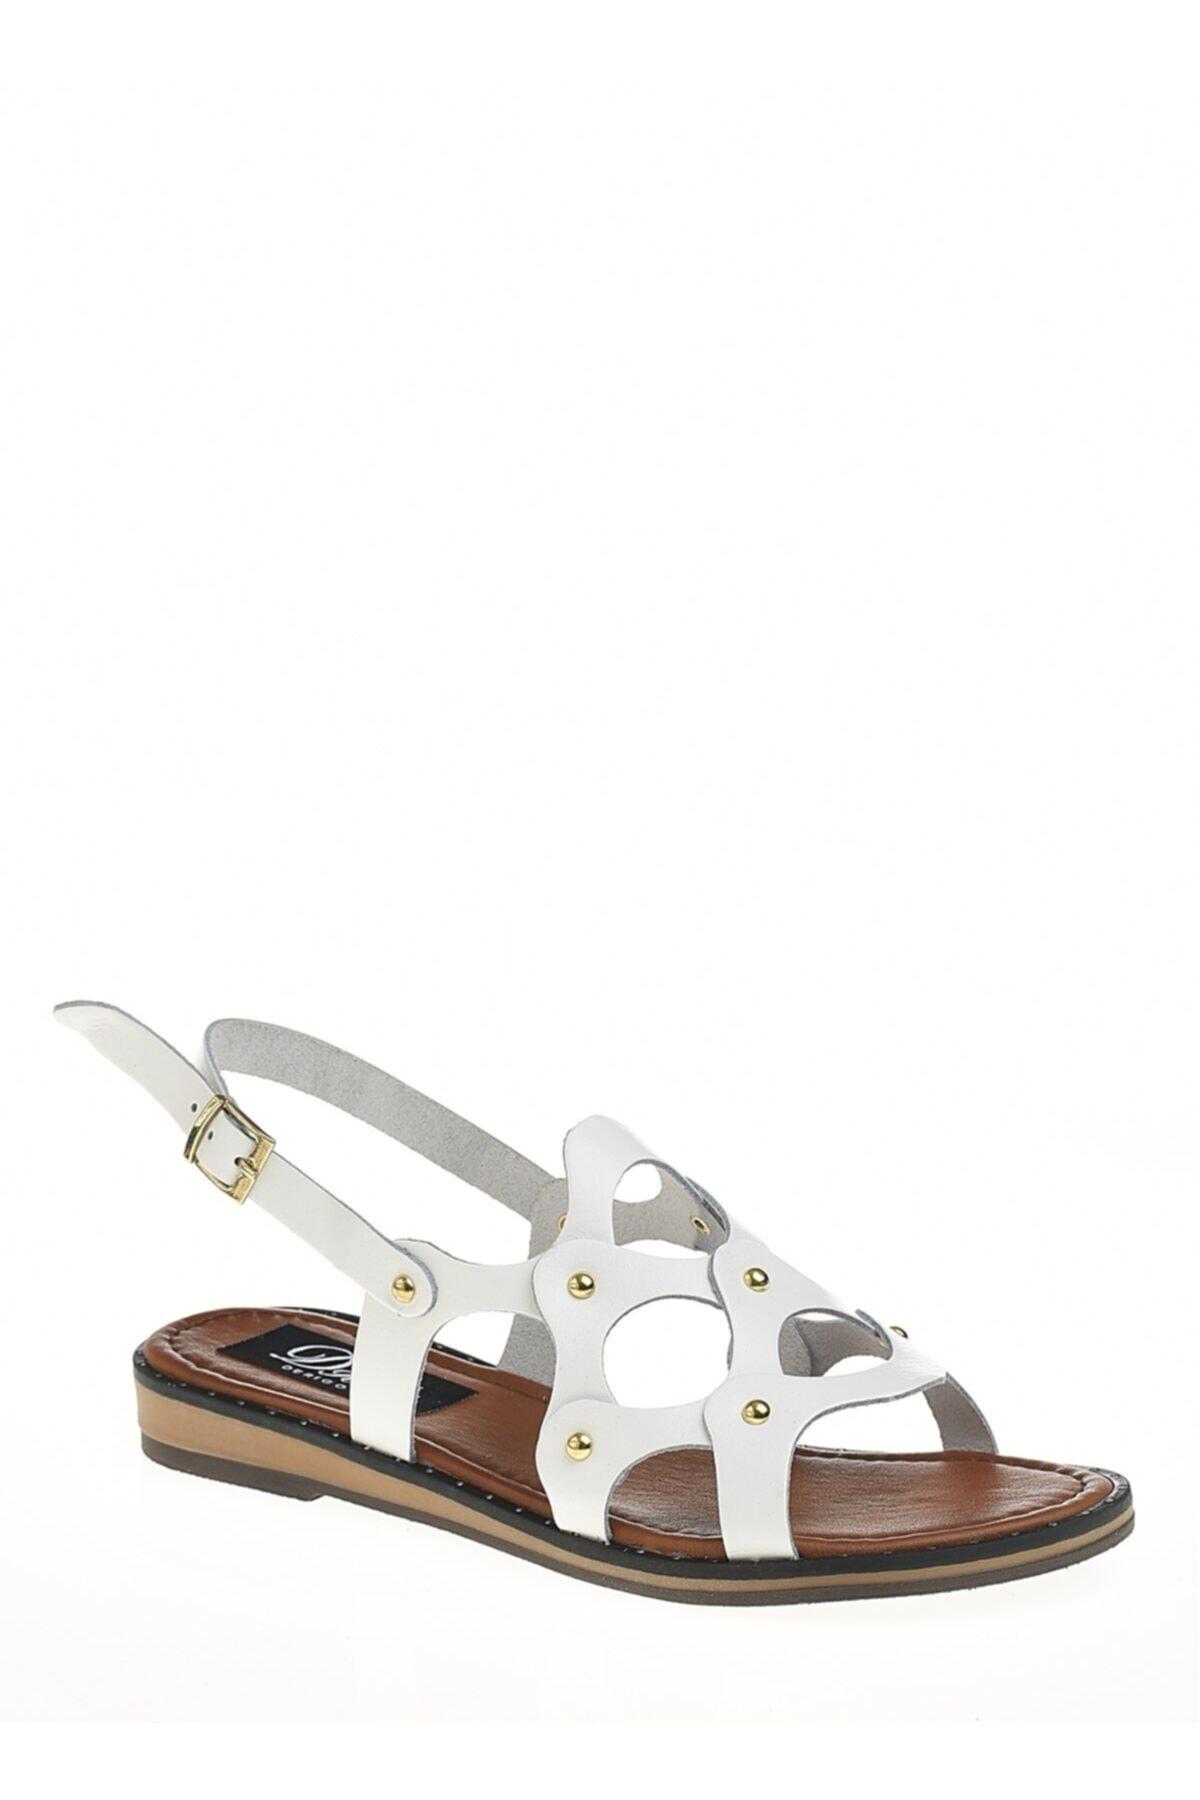 Derigo Beyaz Kadın Sandalet 521228 1